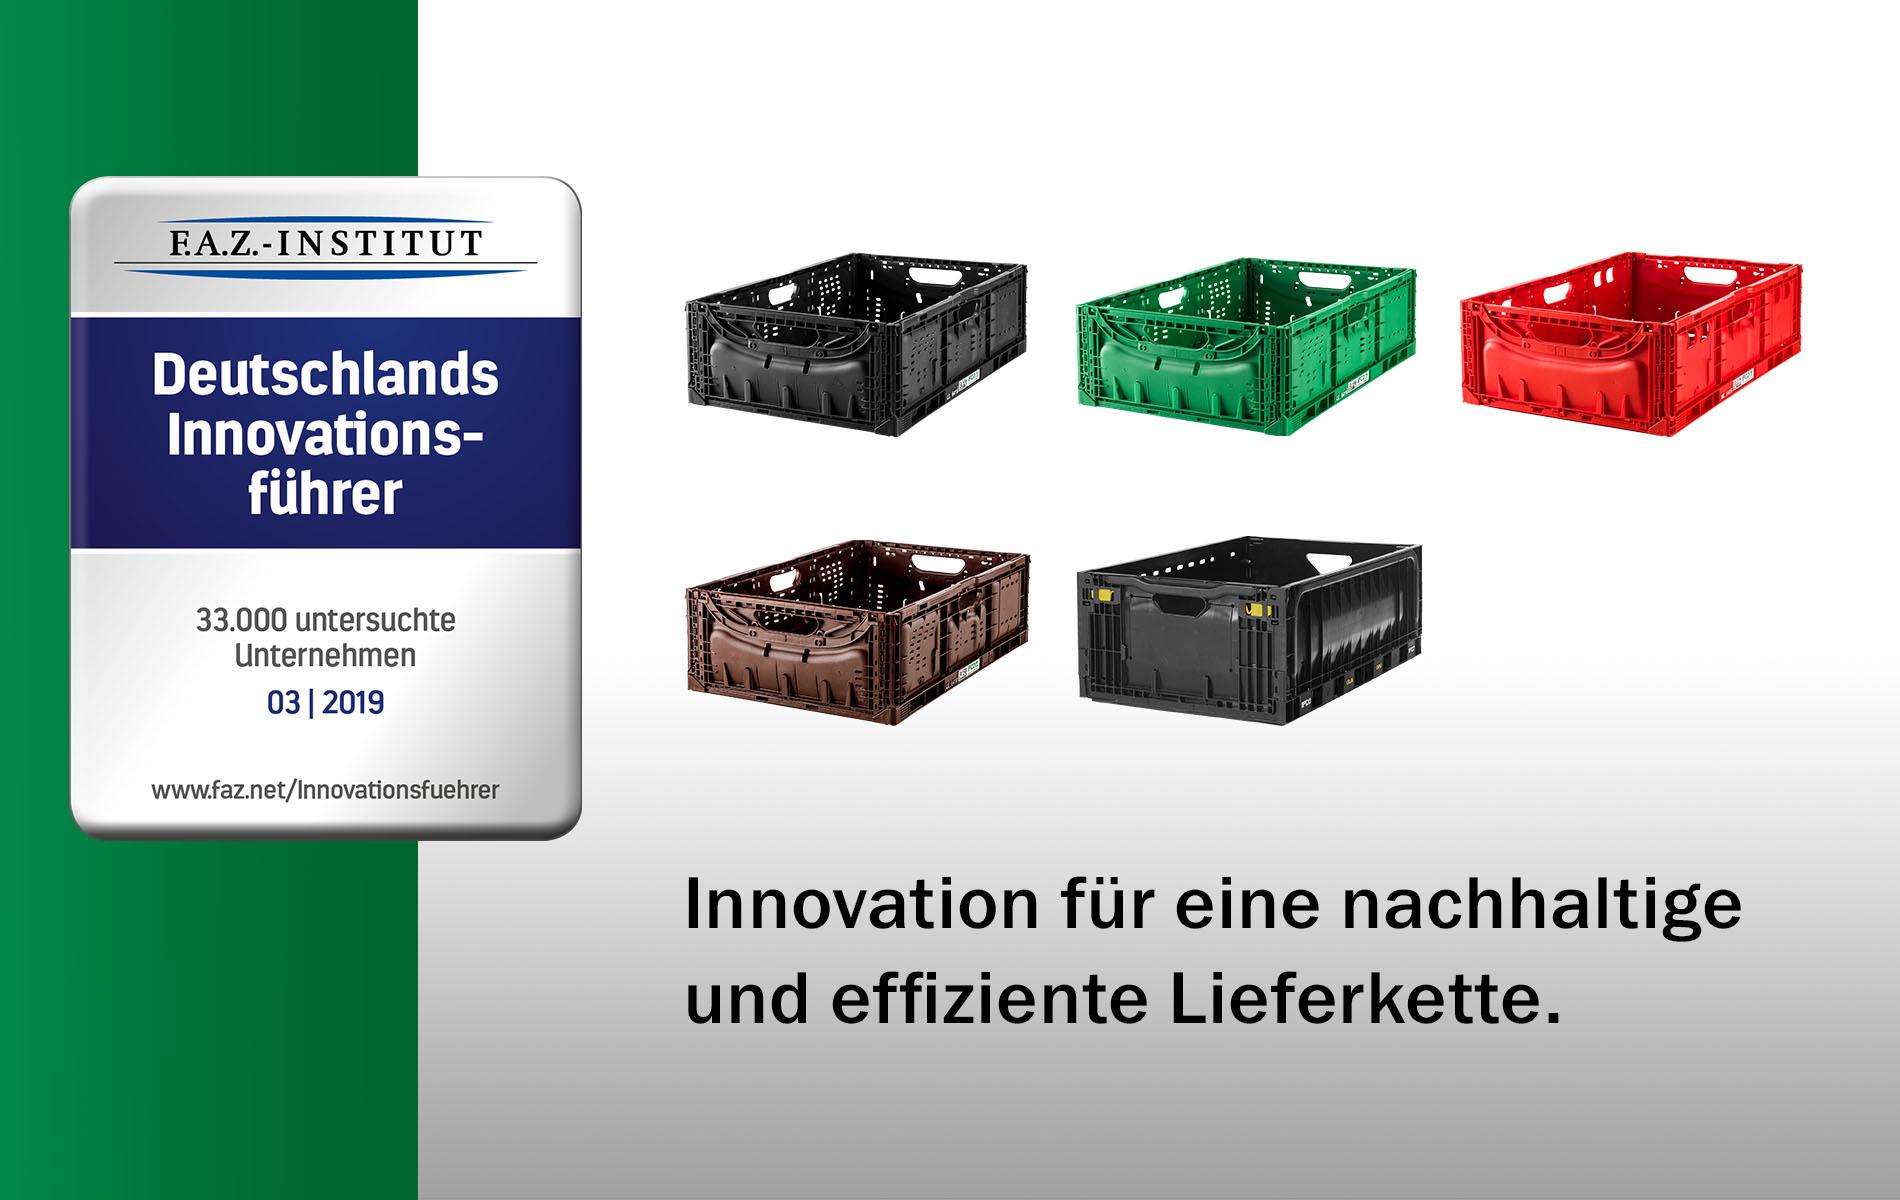 IFCO als Innovationsführer Deutschlands ausgezeichnet